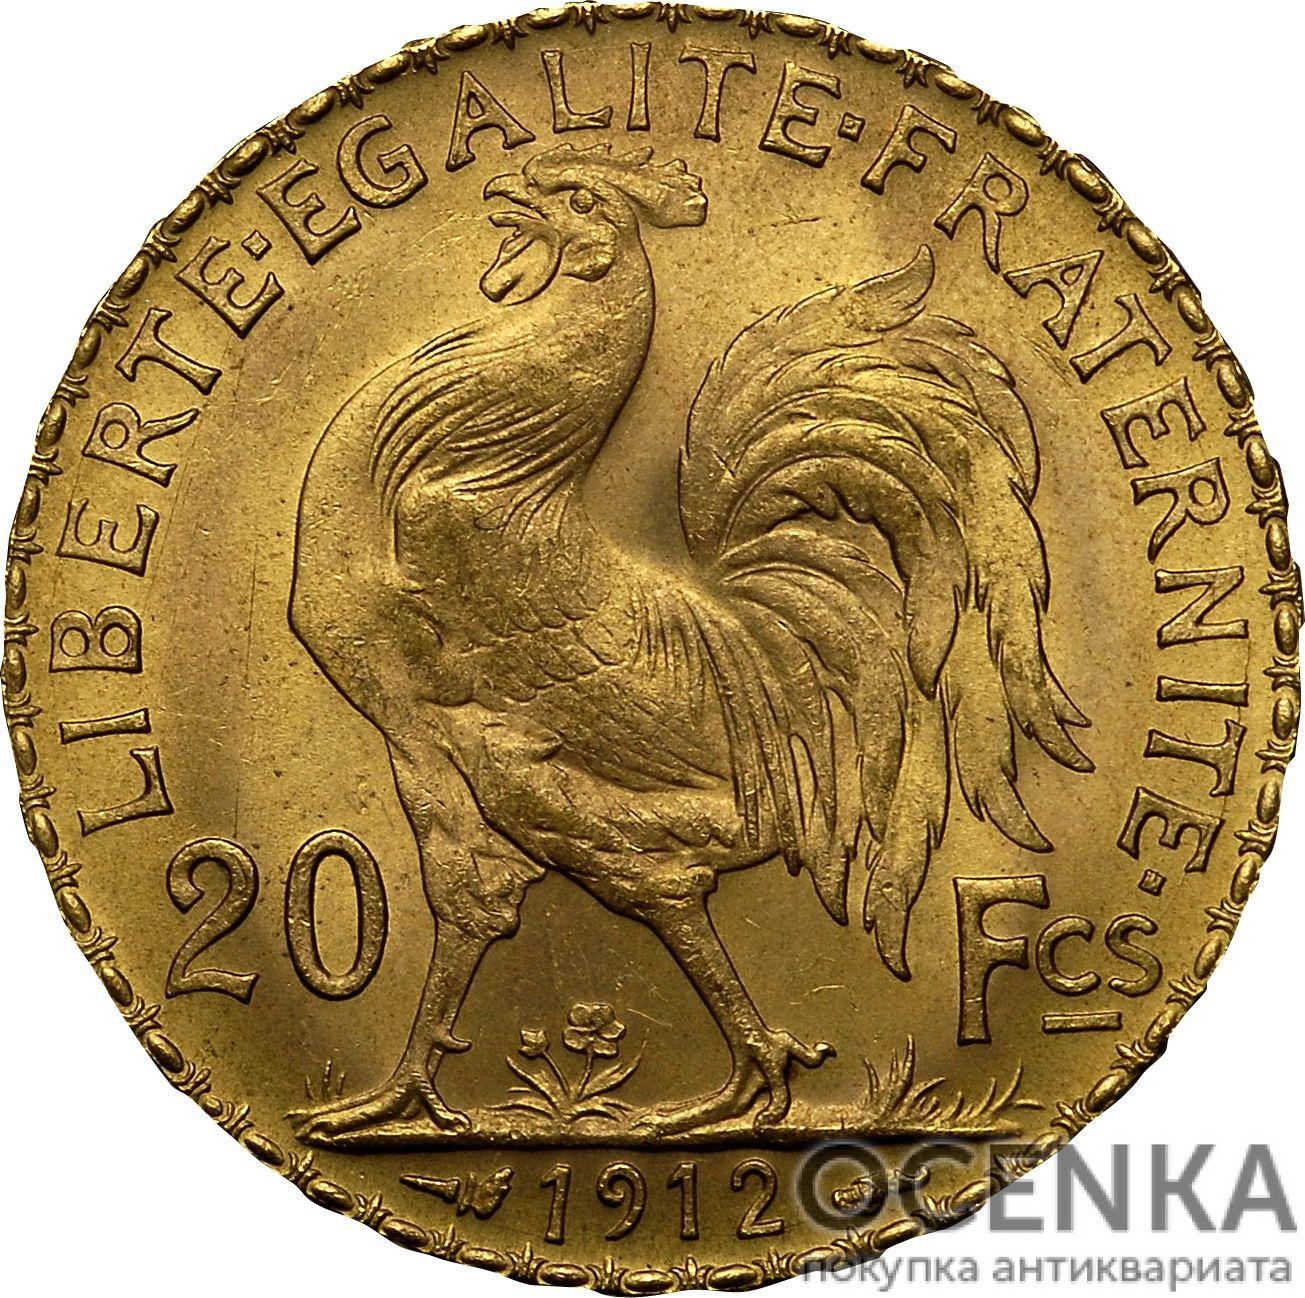 Золотая монета 20 Франков (20 Francs) Франция - 10